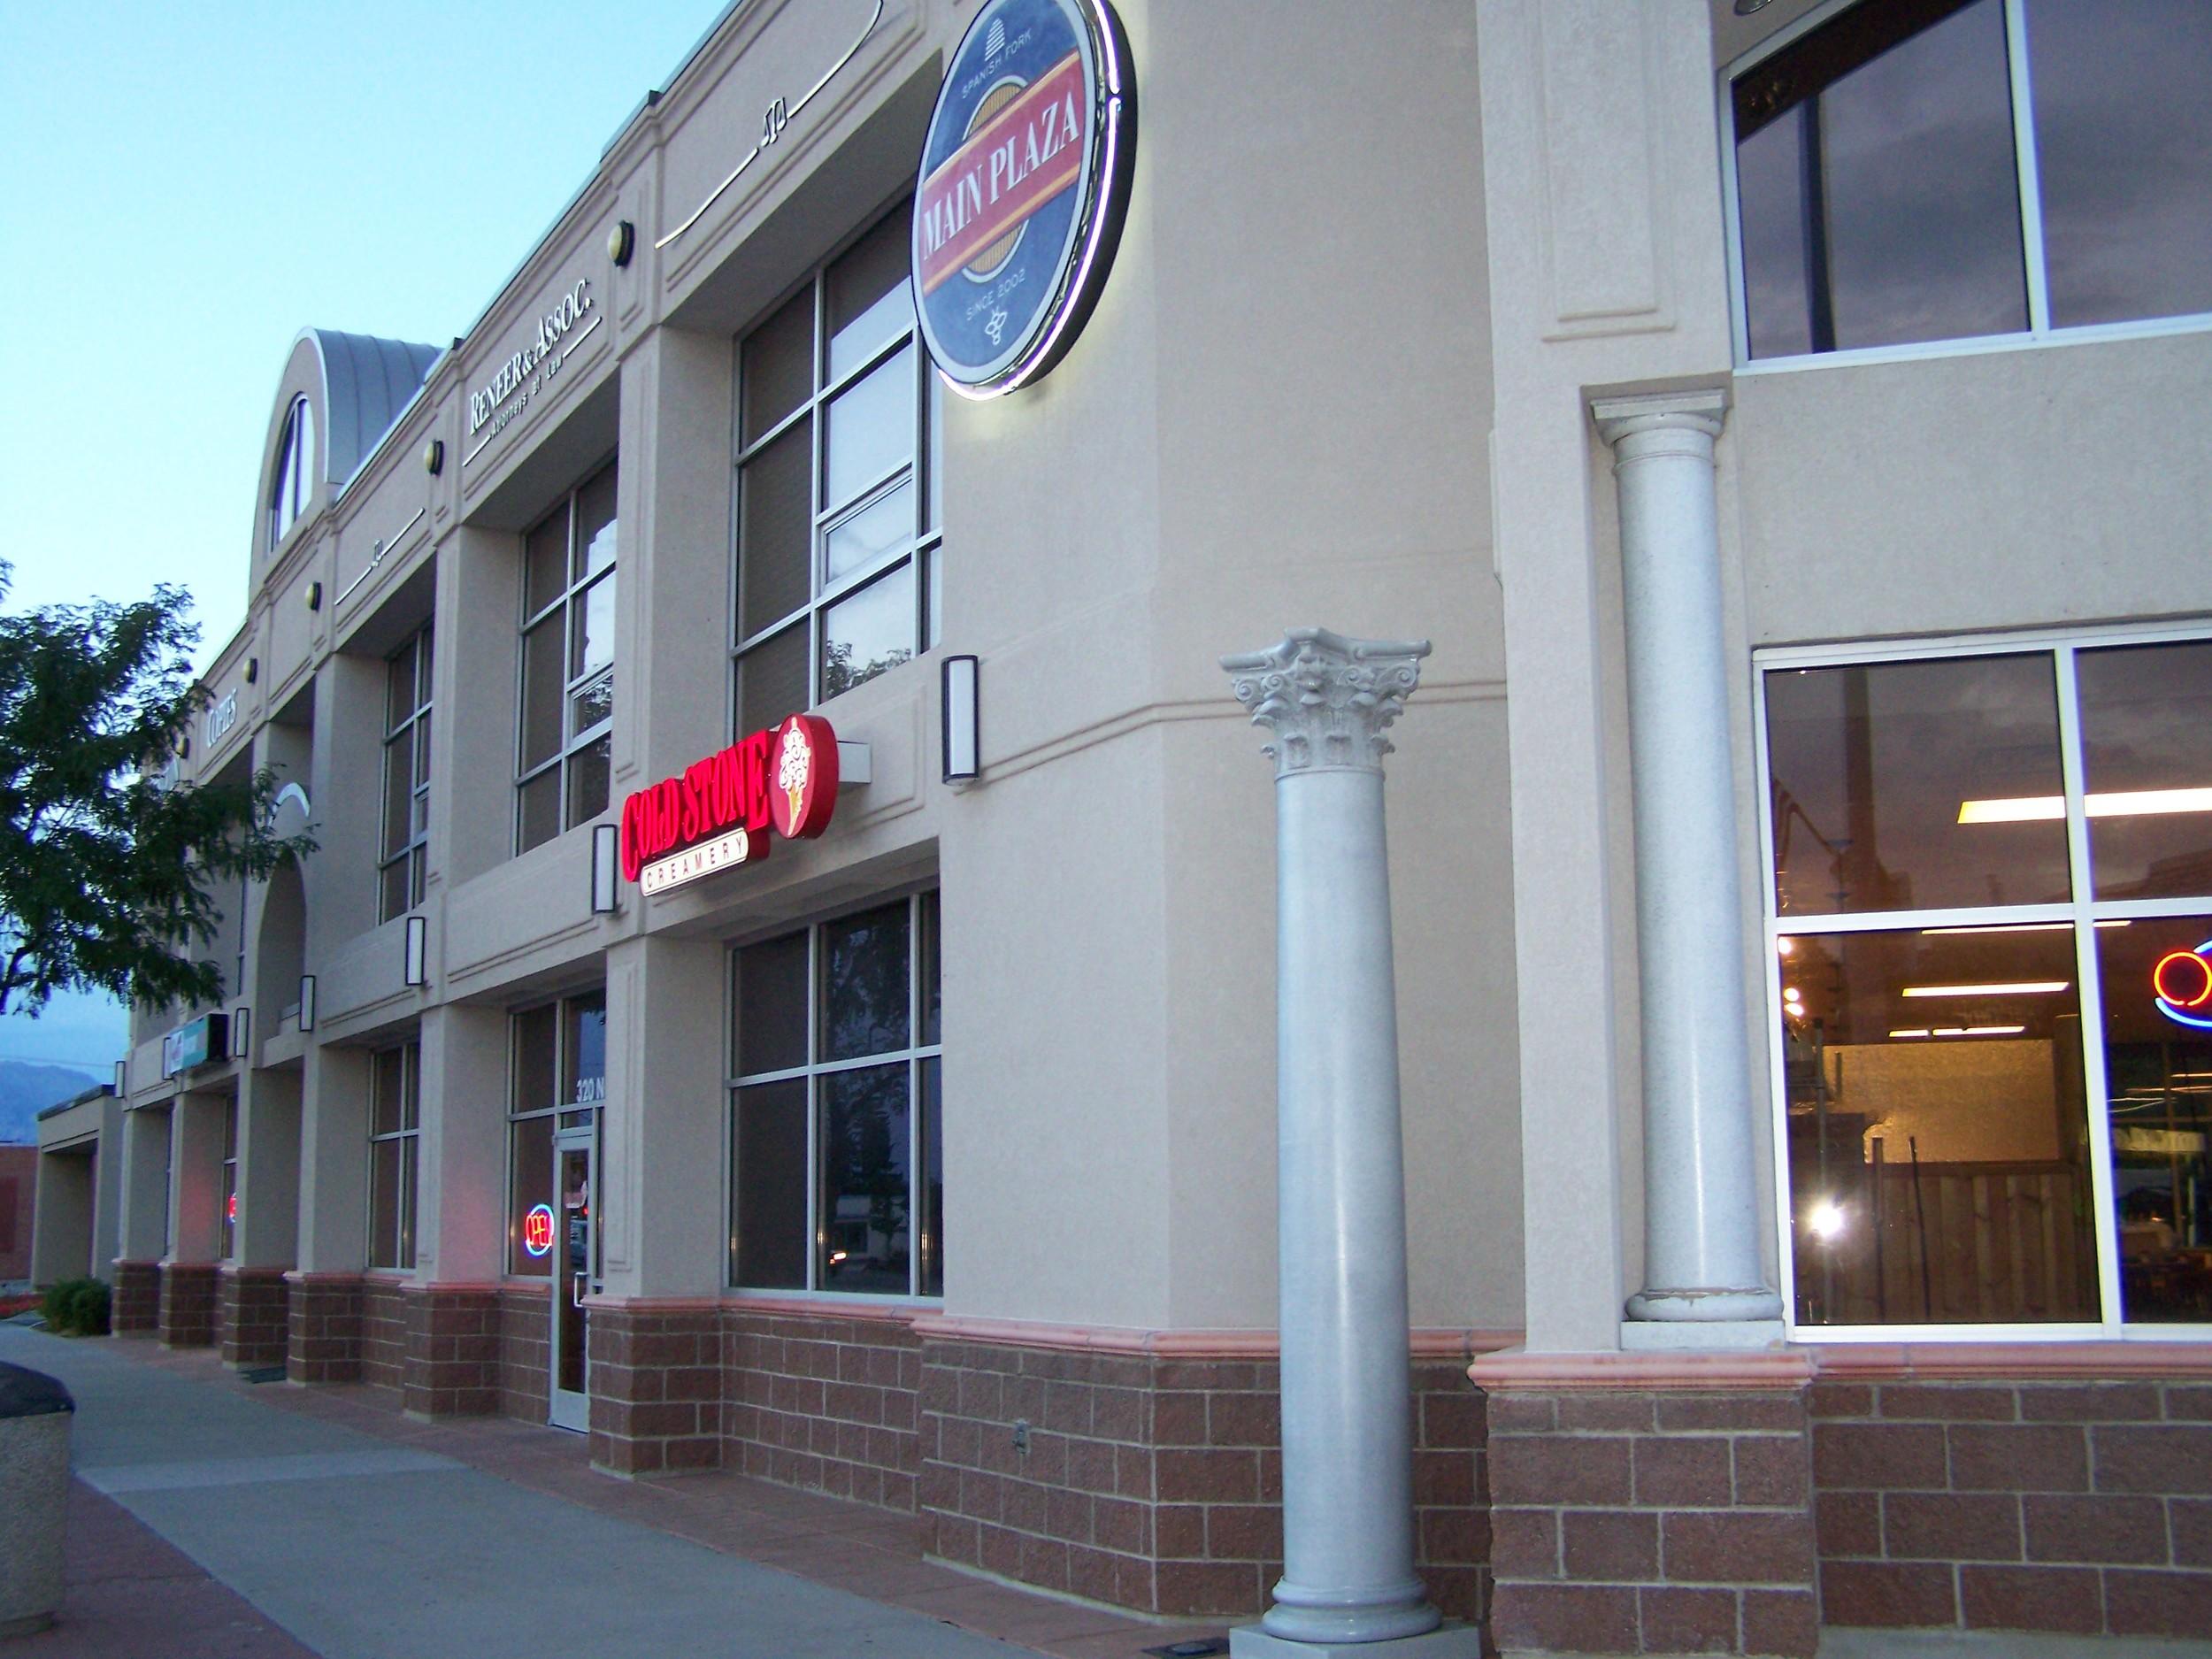 Main Plaza main street view _ Spanish Fork, UT.JPG